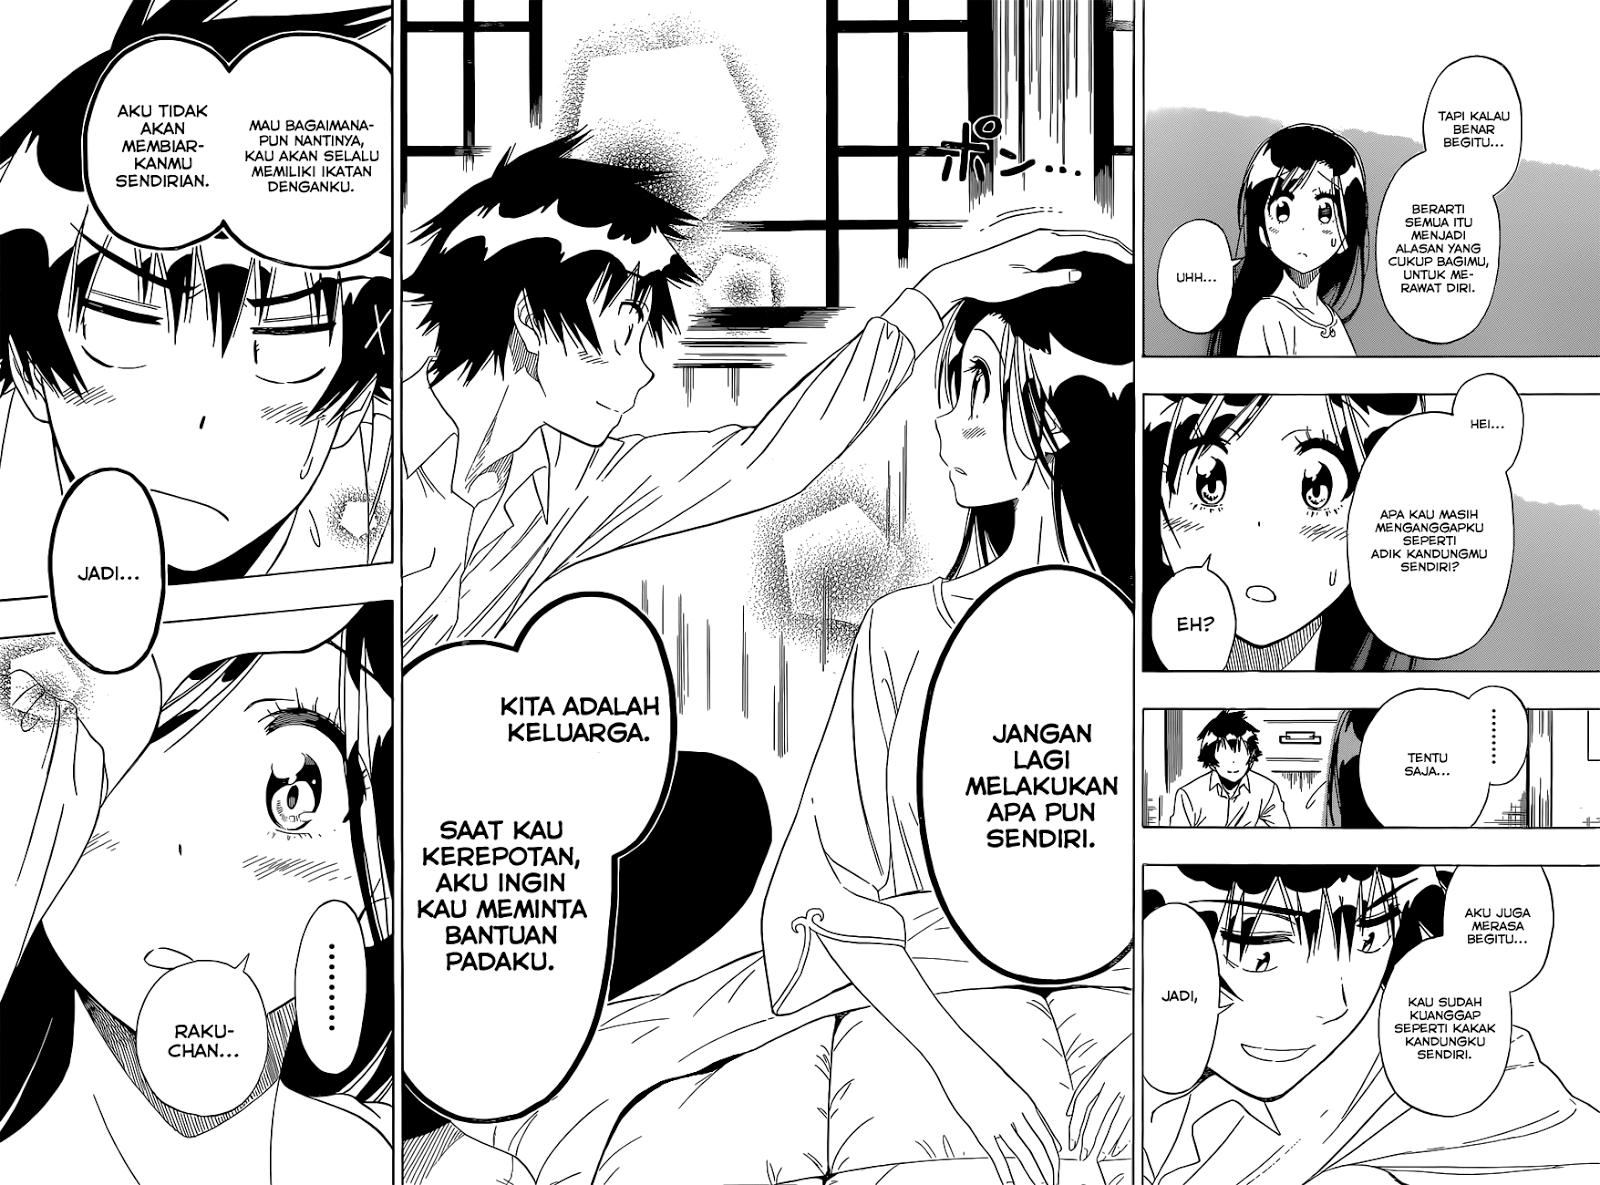 Komik nisekoi 147 - yui nee 148 Indonesia nisekoi 147 - yui nee Terbaru 14|Baca Manga Komik Indonesia|